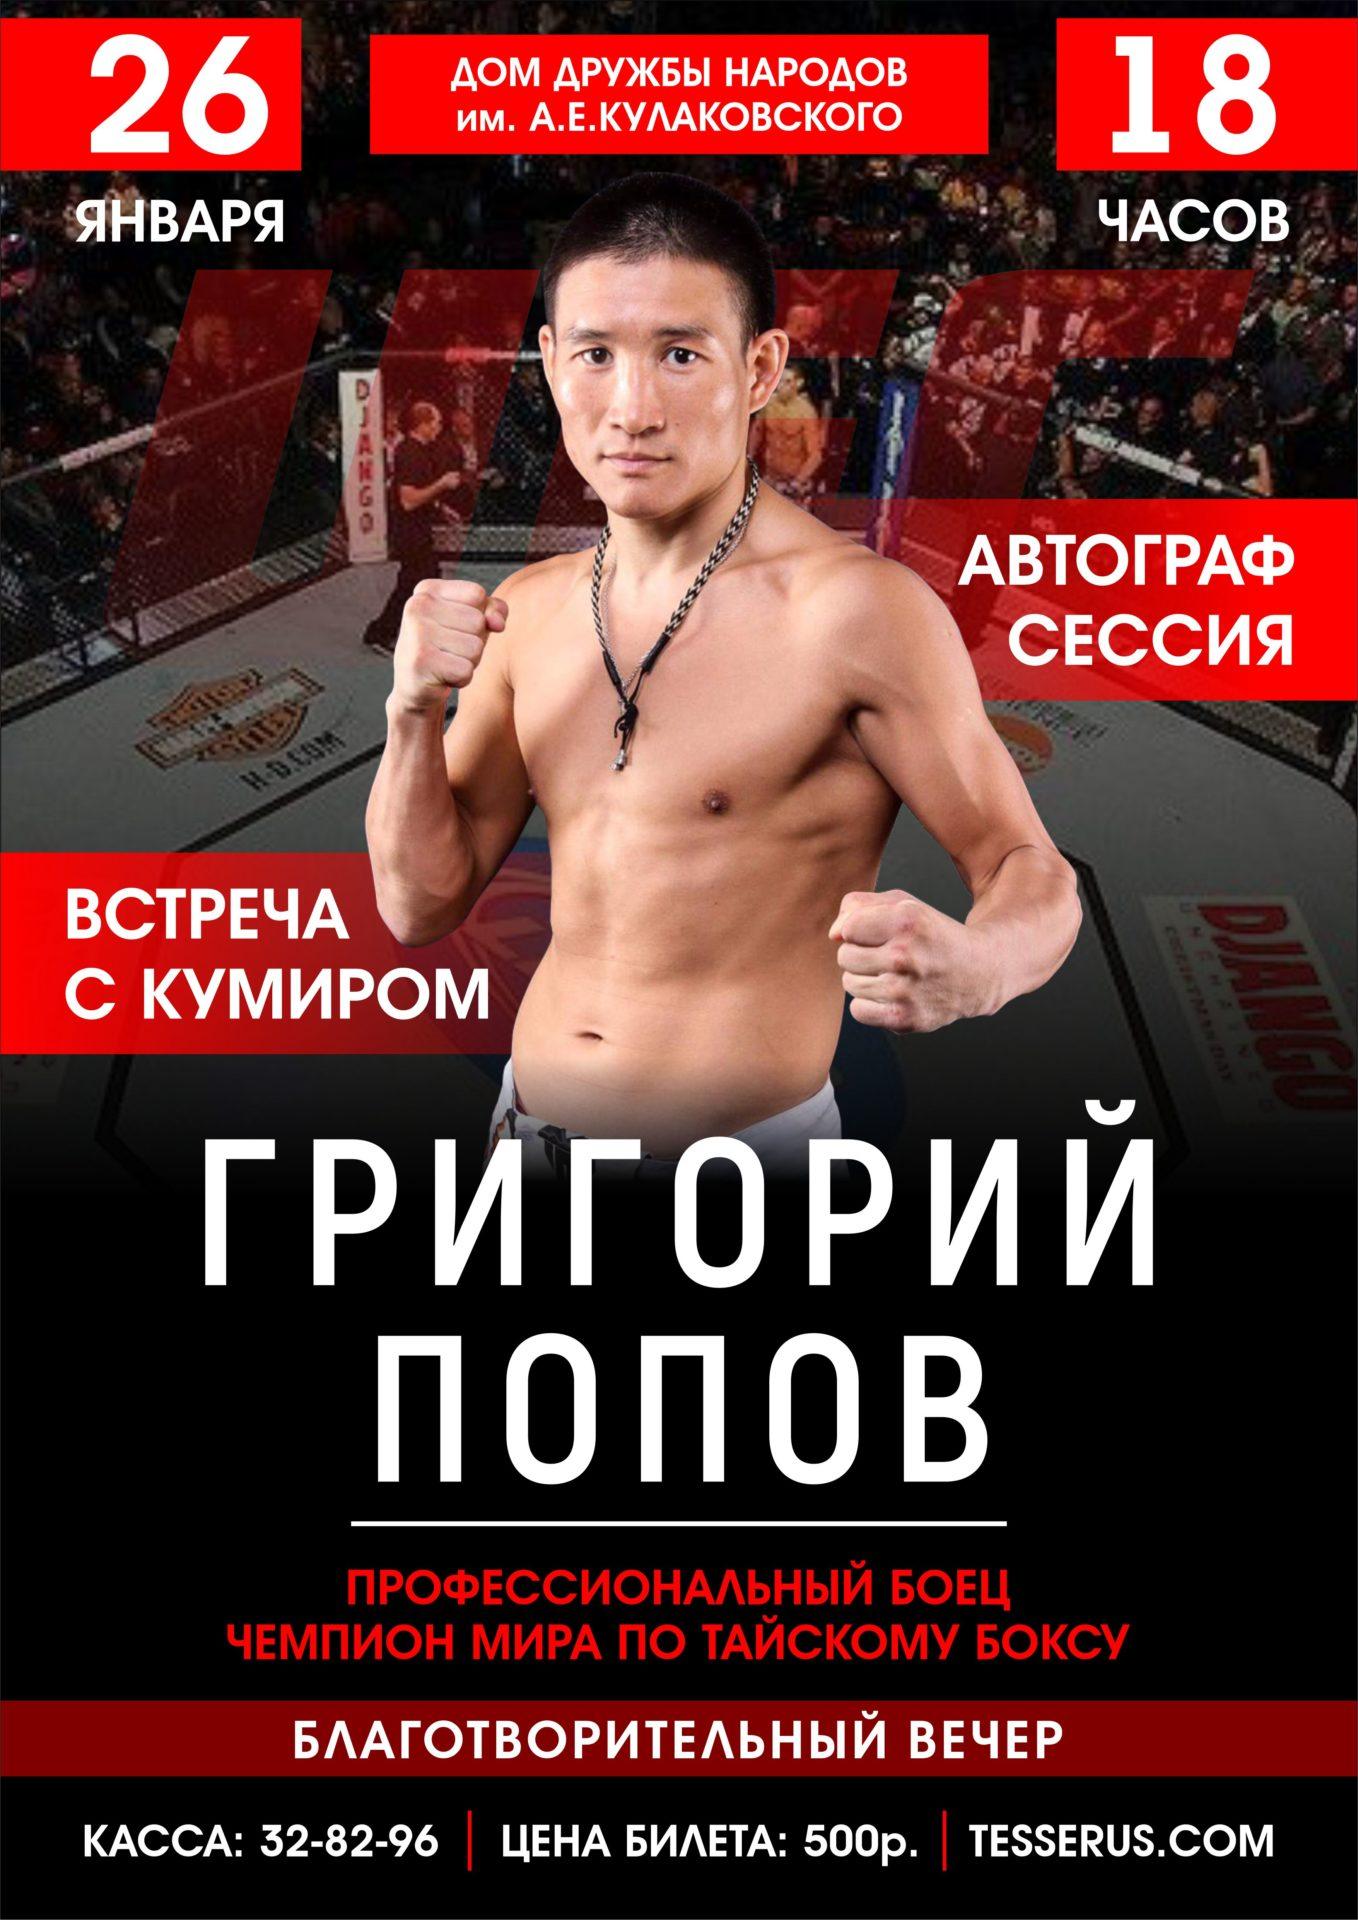 Григорий Попов проведет встречу с фанатами